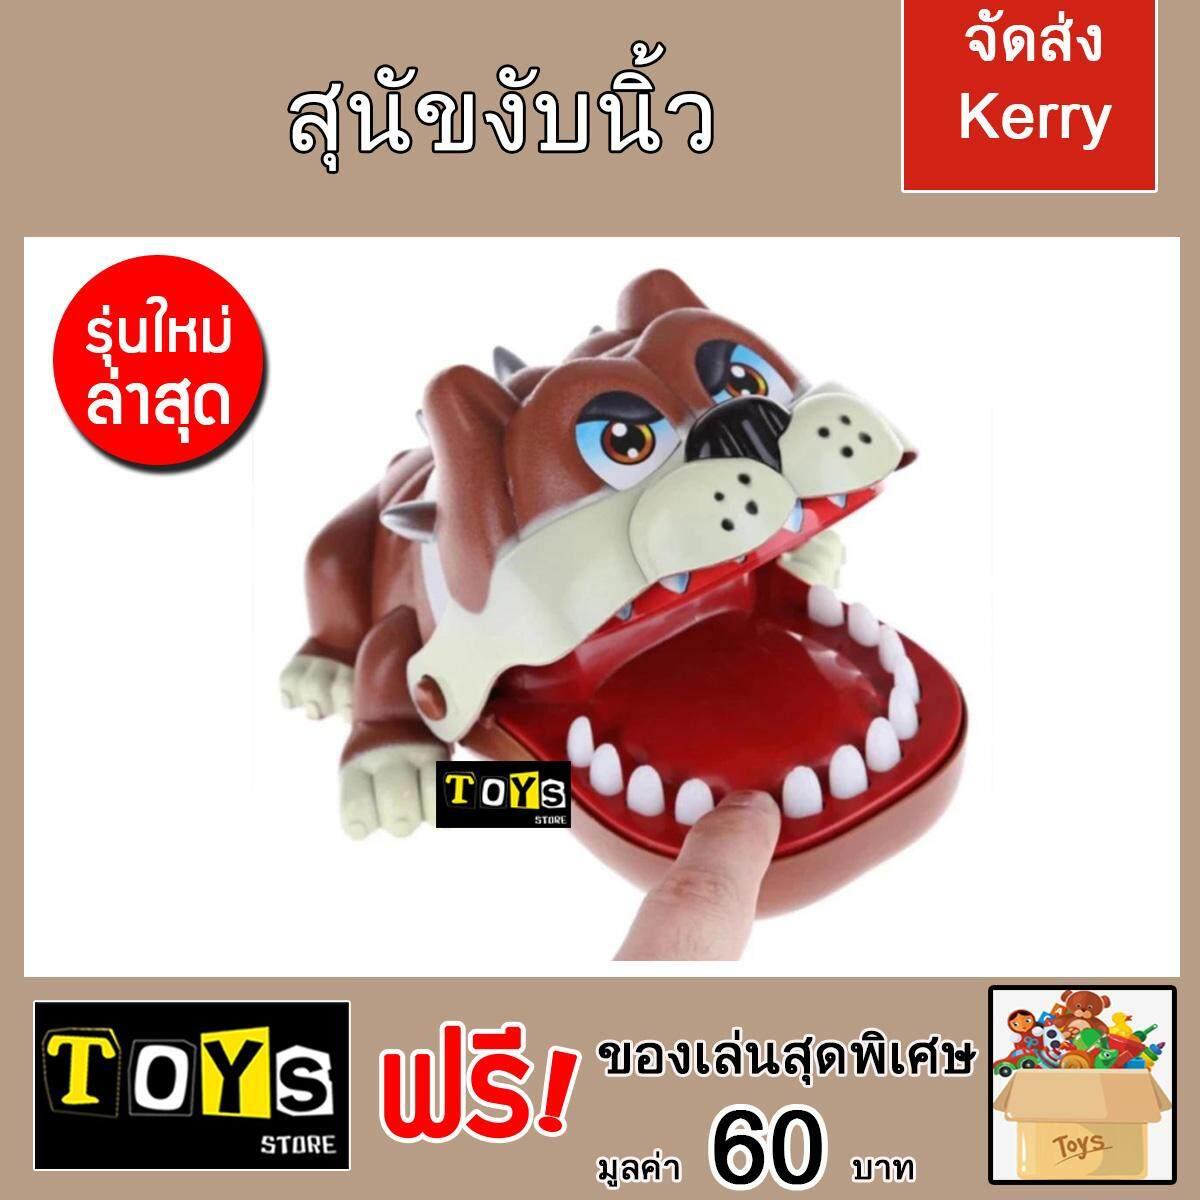 ลดสุดๆ ของเล่นเด็ก ชุดของเล่นเด็ก ขายของเล่น สุนัขงับนิ้ว เกมงับนิ้ว ของเล่นเด็ก  LUCKํY DOG เกมสุนัขงับนิ้ว เกมกดฟัน เกมเสี่ยงดวง ของเล่นเด็ก3ขวบ ( ส่งเร็ว Kerry )